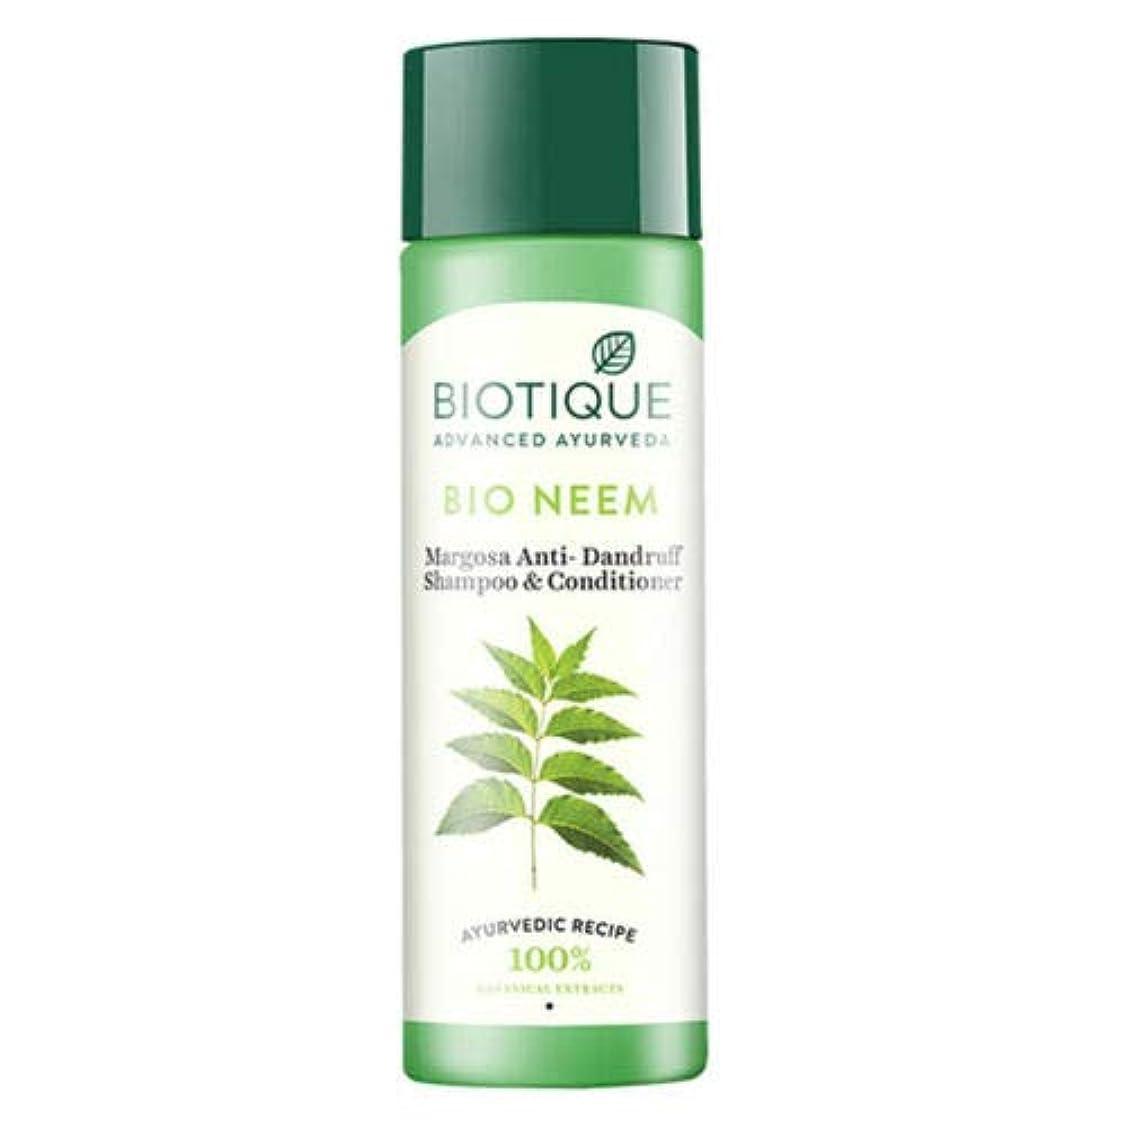 息を切らして形容詞経度Biotique Bio Neem Margosa Anti Dandruff Shampoo & Conditioner 120 ml Strong Hair Biotique Bio Neem Margosaアンチフケシャンプー&コンディショナーストロングヘア